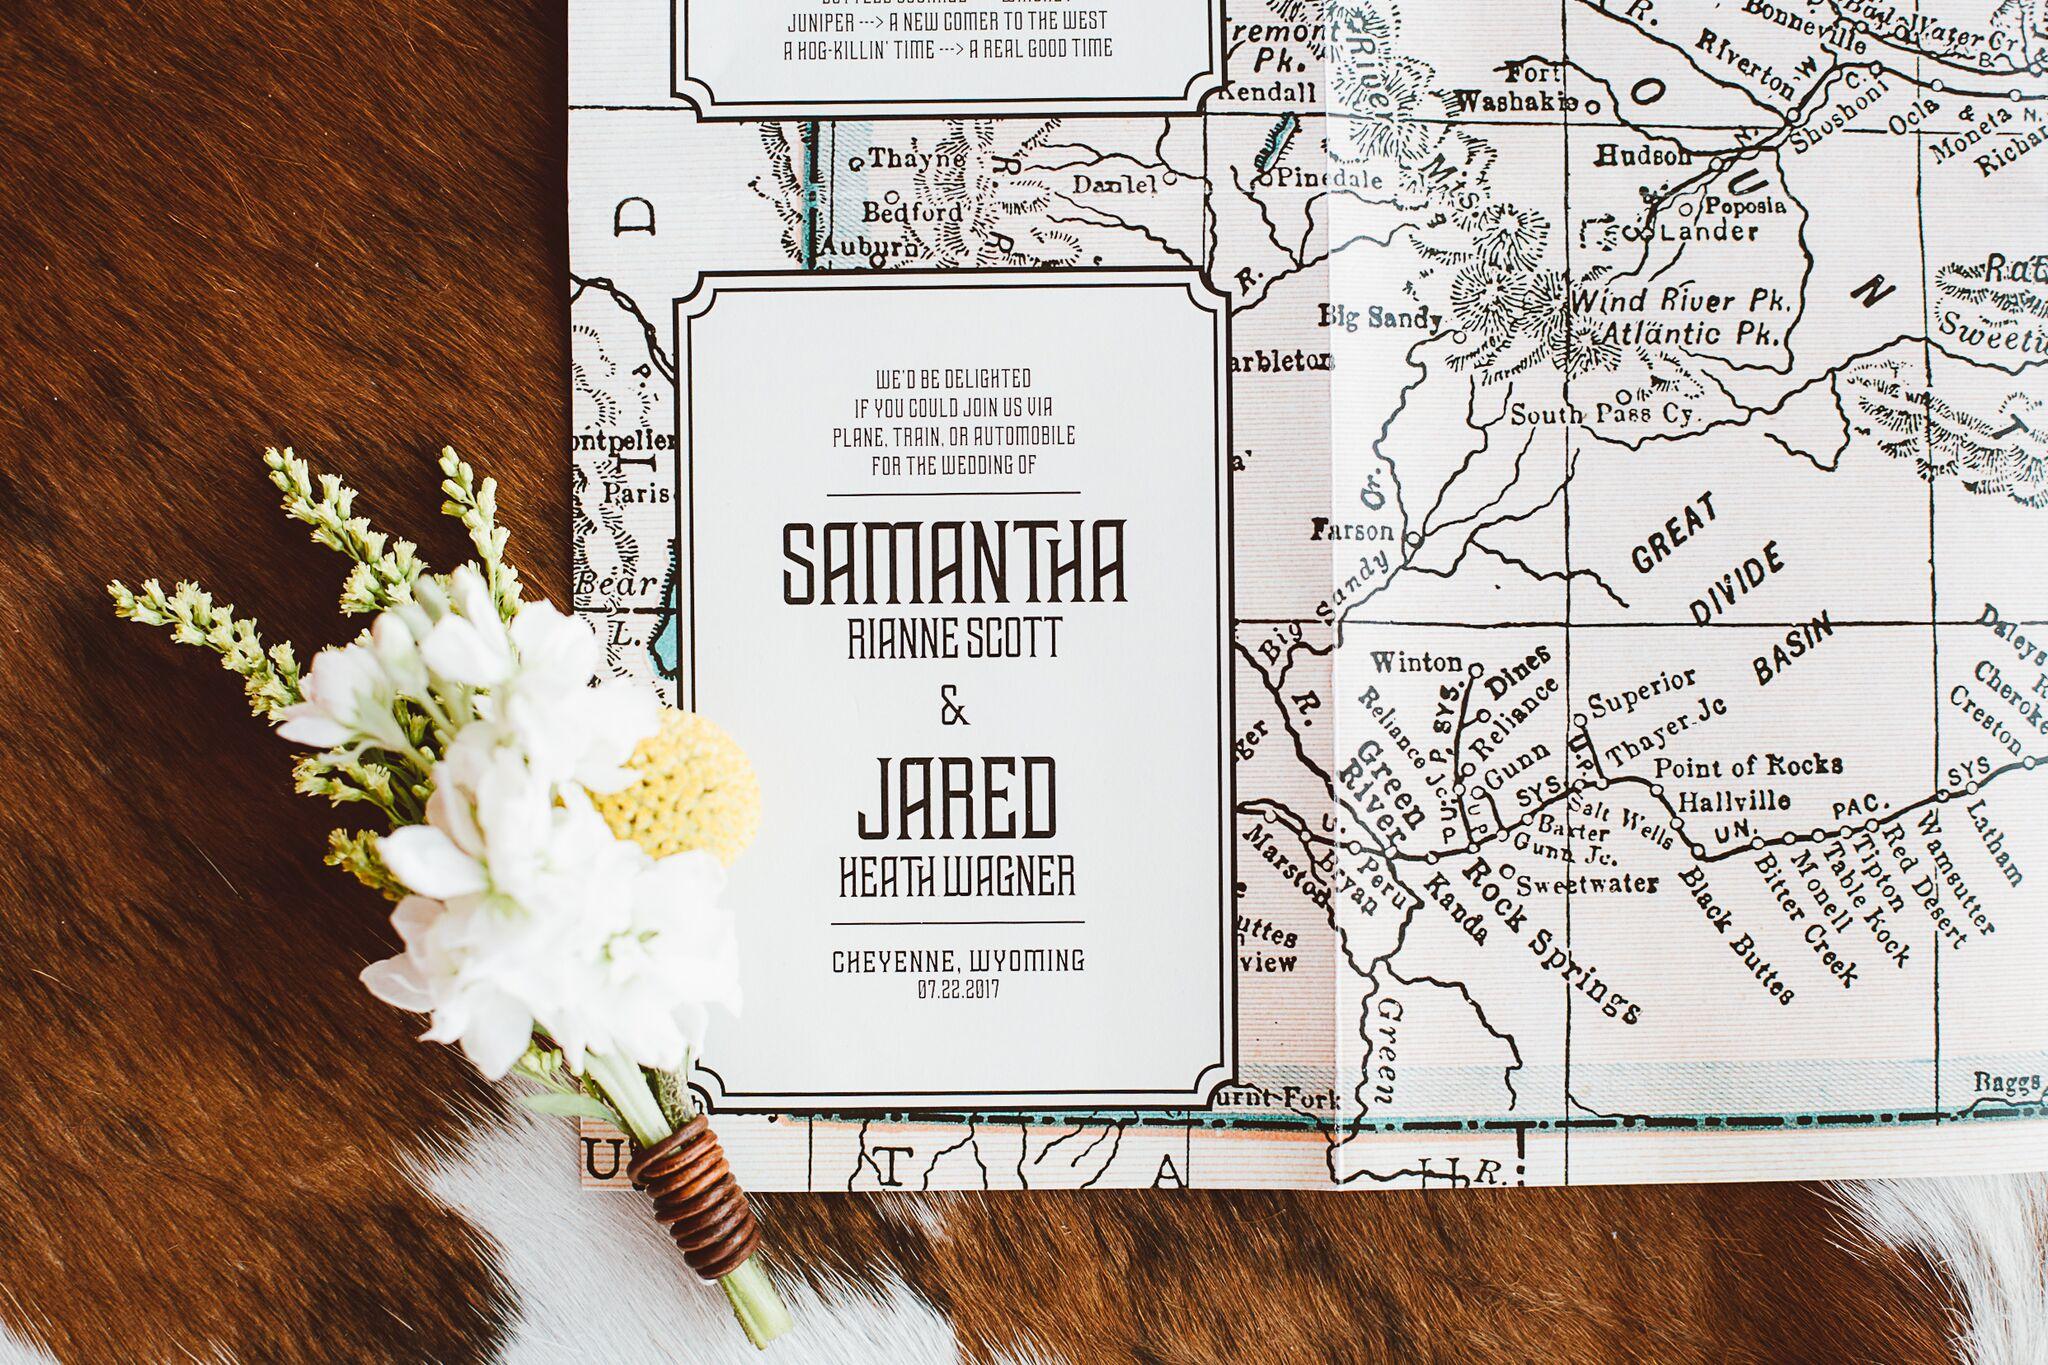 Samantha_and_Jared-44_preview.jpeg